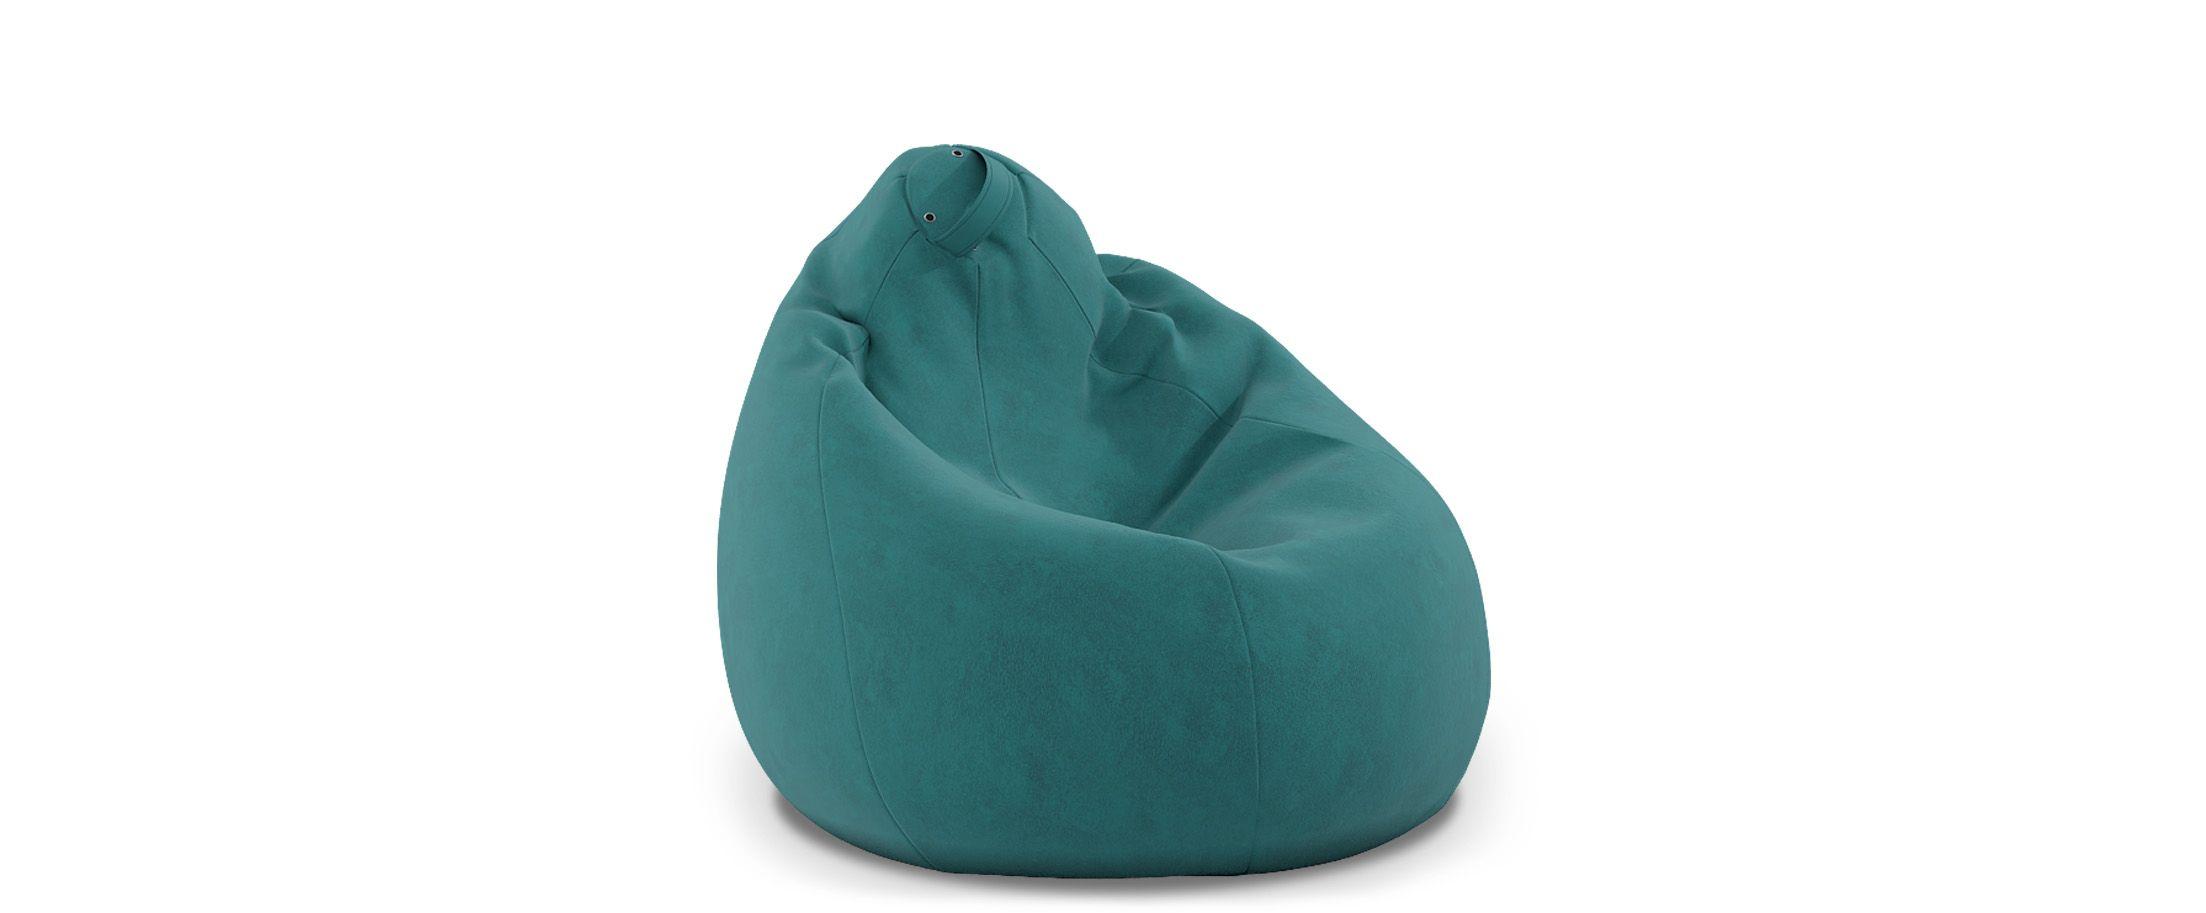 Кресло-мешок Модель 024Купить кресло-мешок из велюра Модель 024 от производителя. Доставка от 1 дня. Гарантия 18 месяцев. Интернет-магазин мебели MOON-TRADE.RU<br>